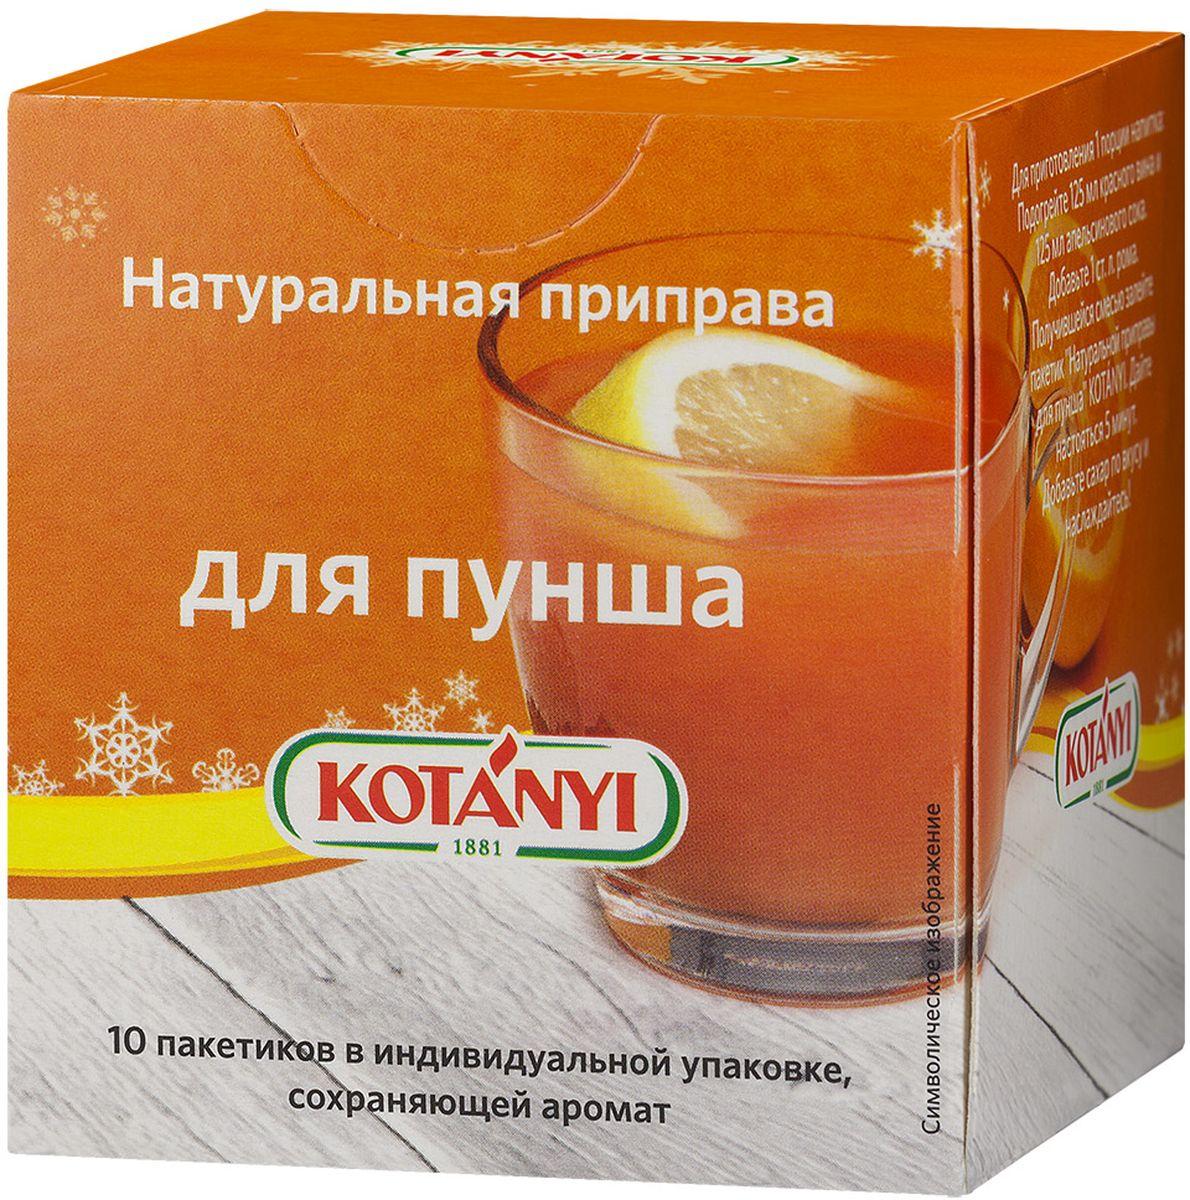 Kotanyi натуральная приправа для пунша, 10 пакетиков по 15 г kotanyi лимонная цедра измельченная 15 г